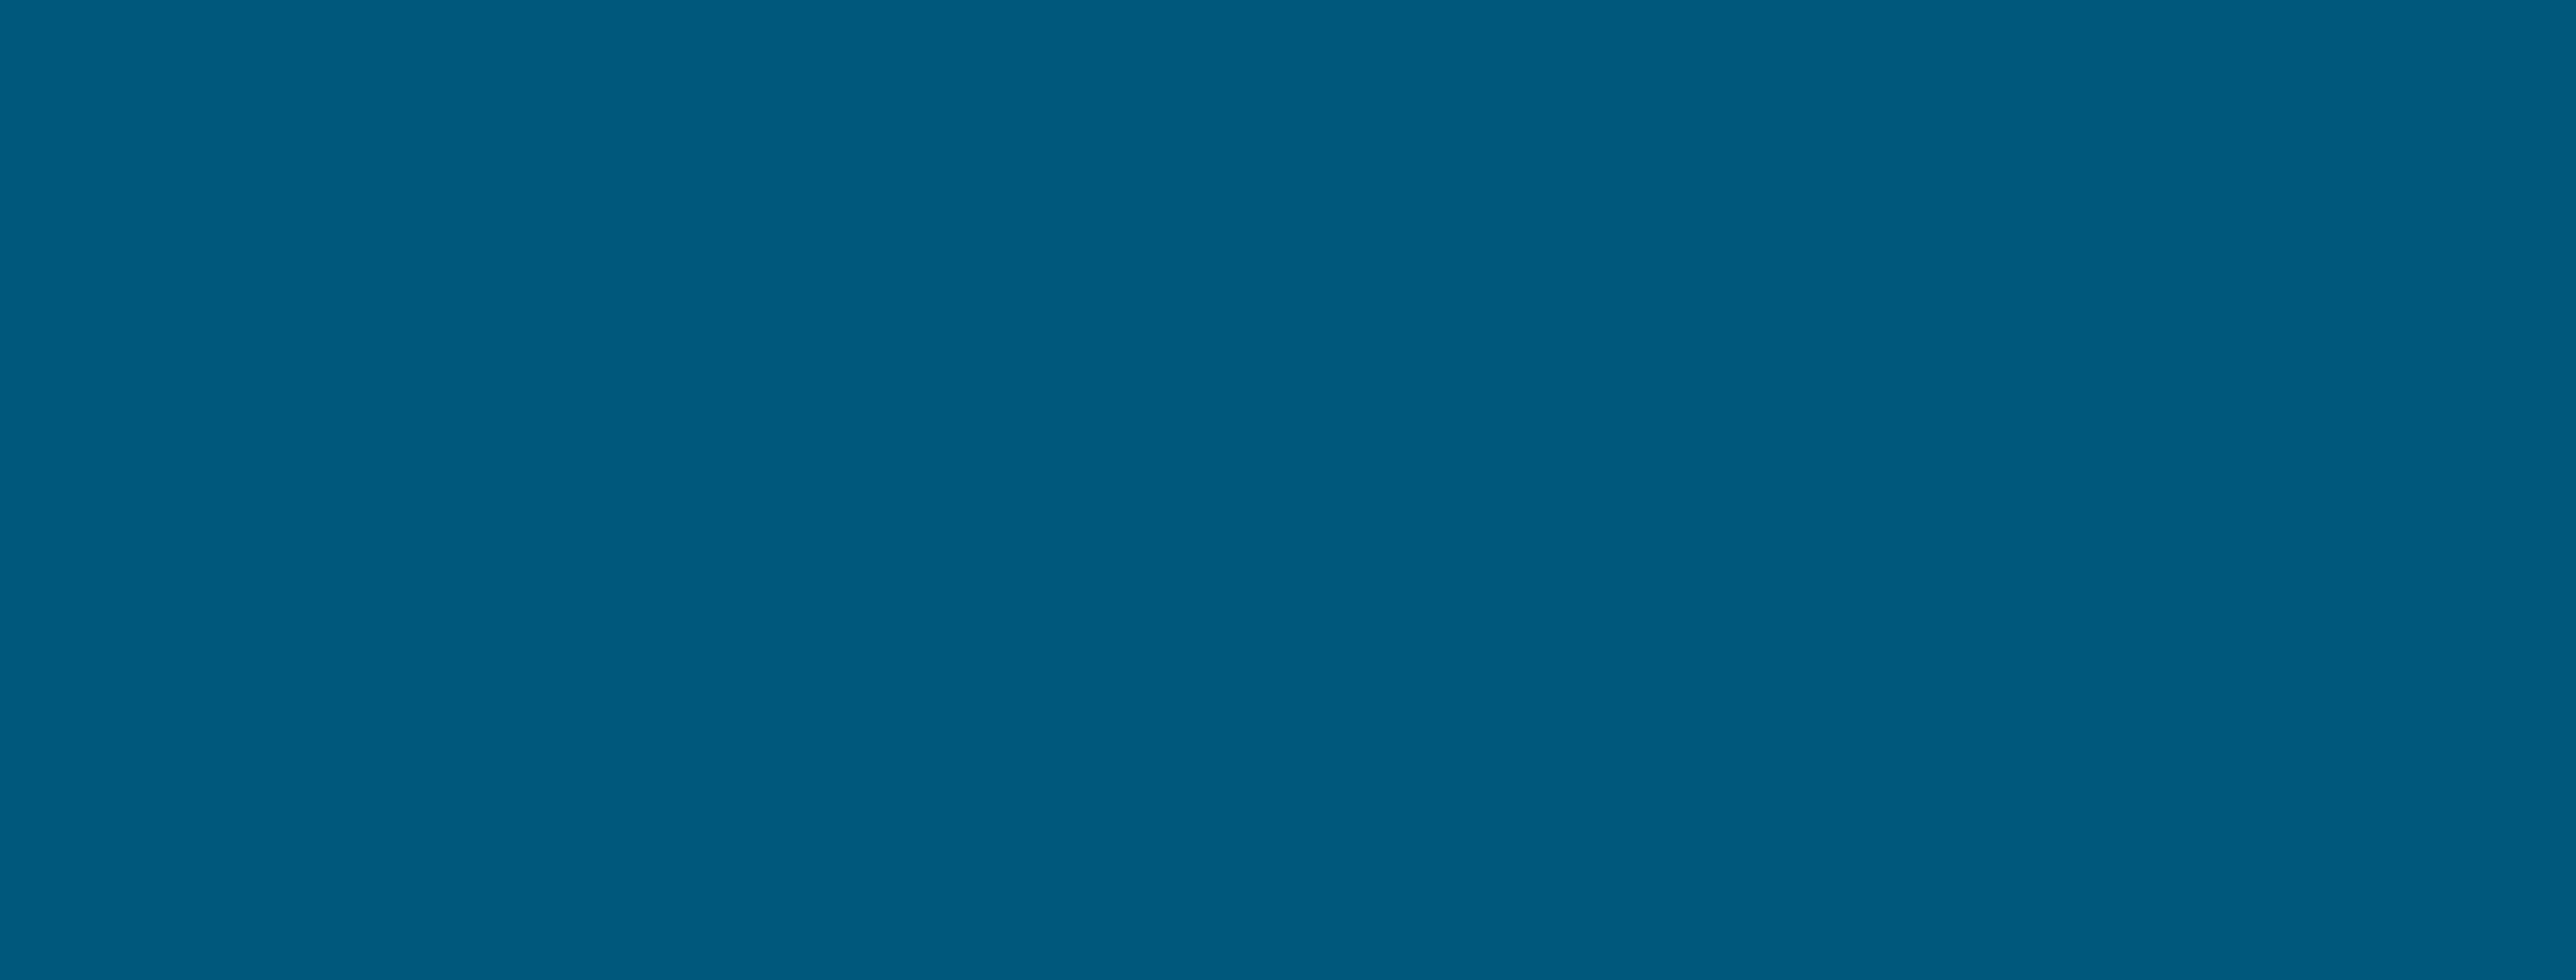 Commission De La Construction Du Quebec Logo